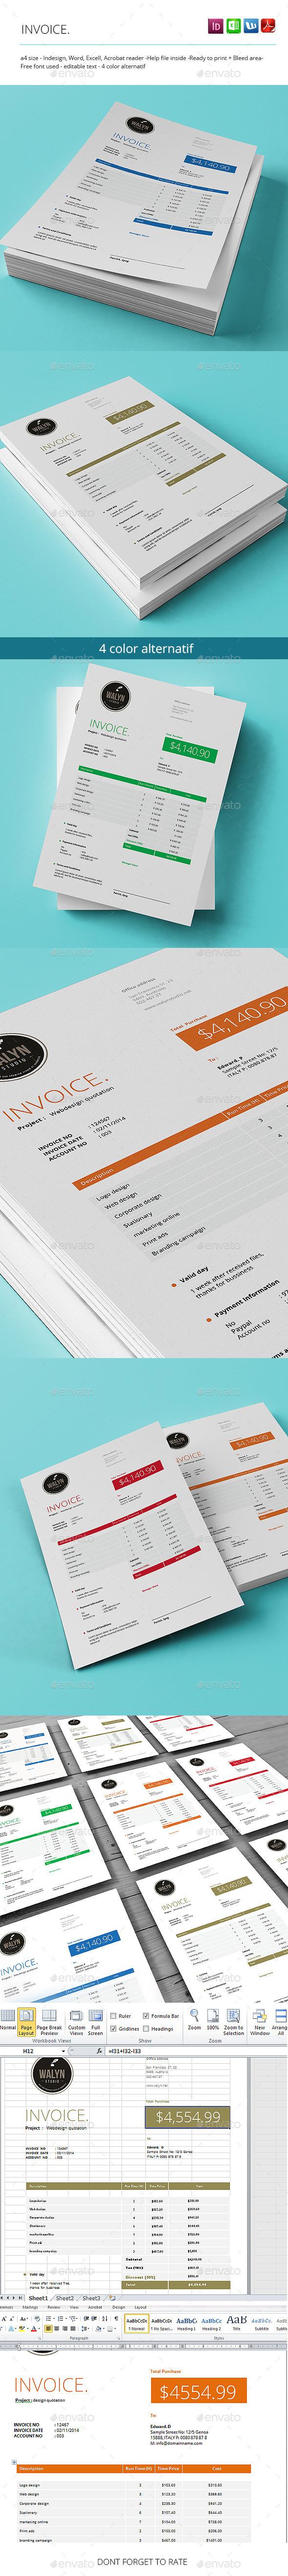 GraphicRiver The Invoice 8988408